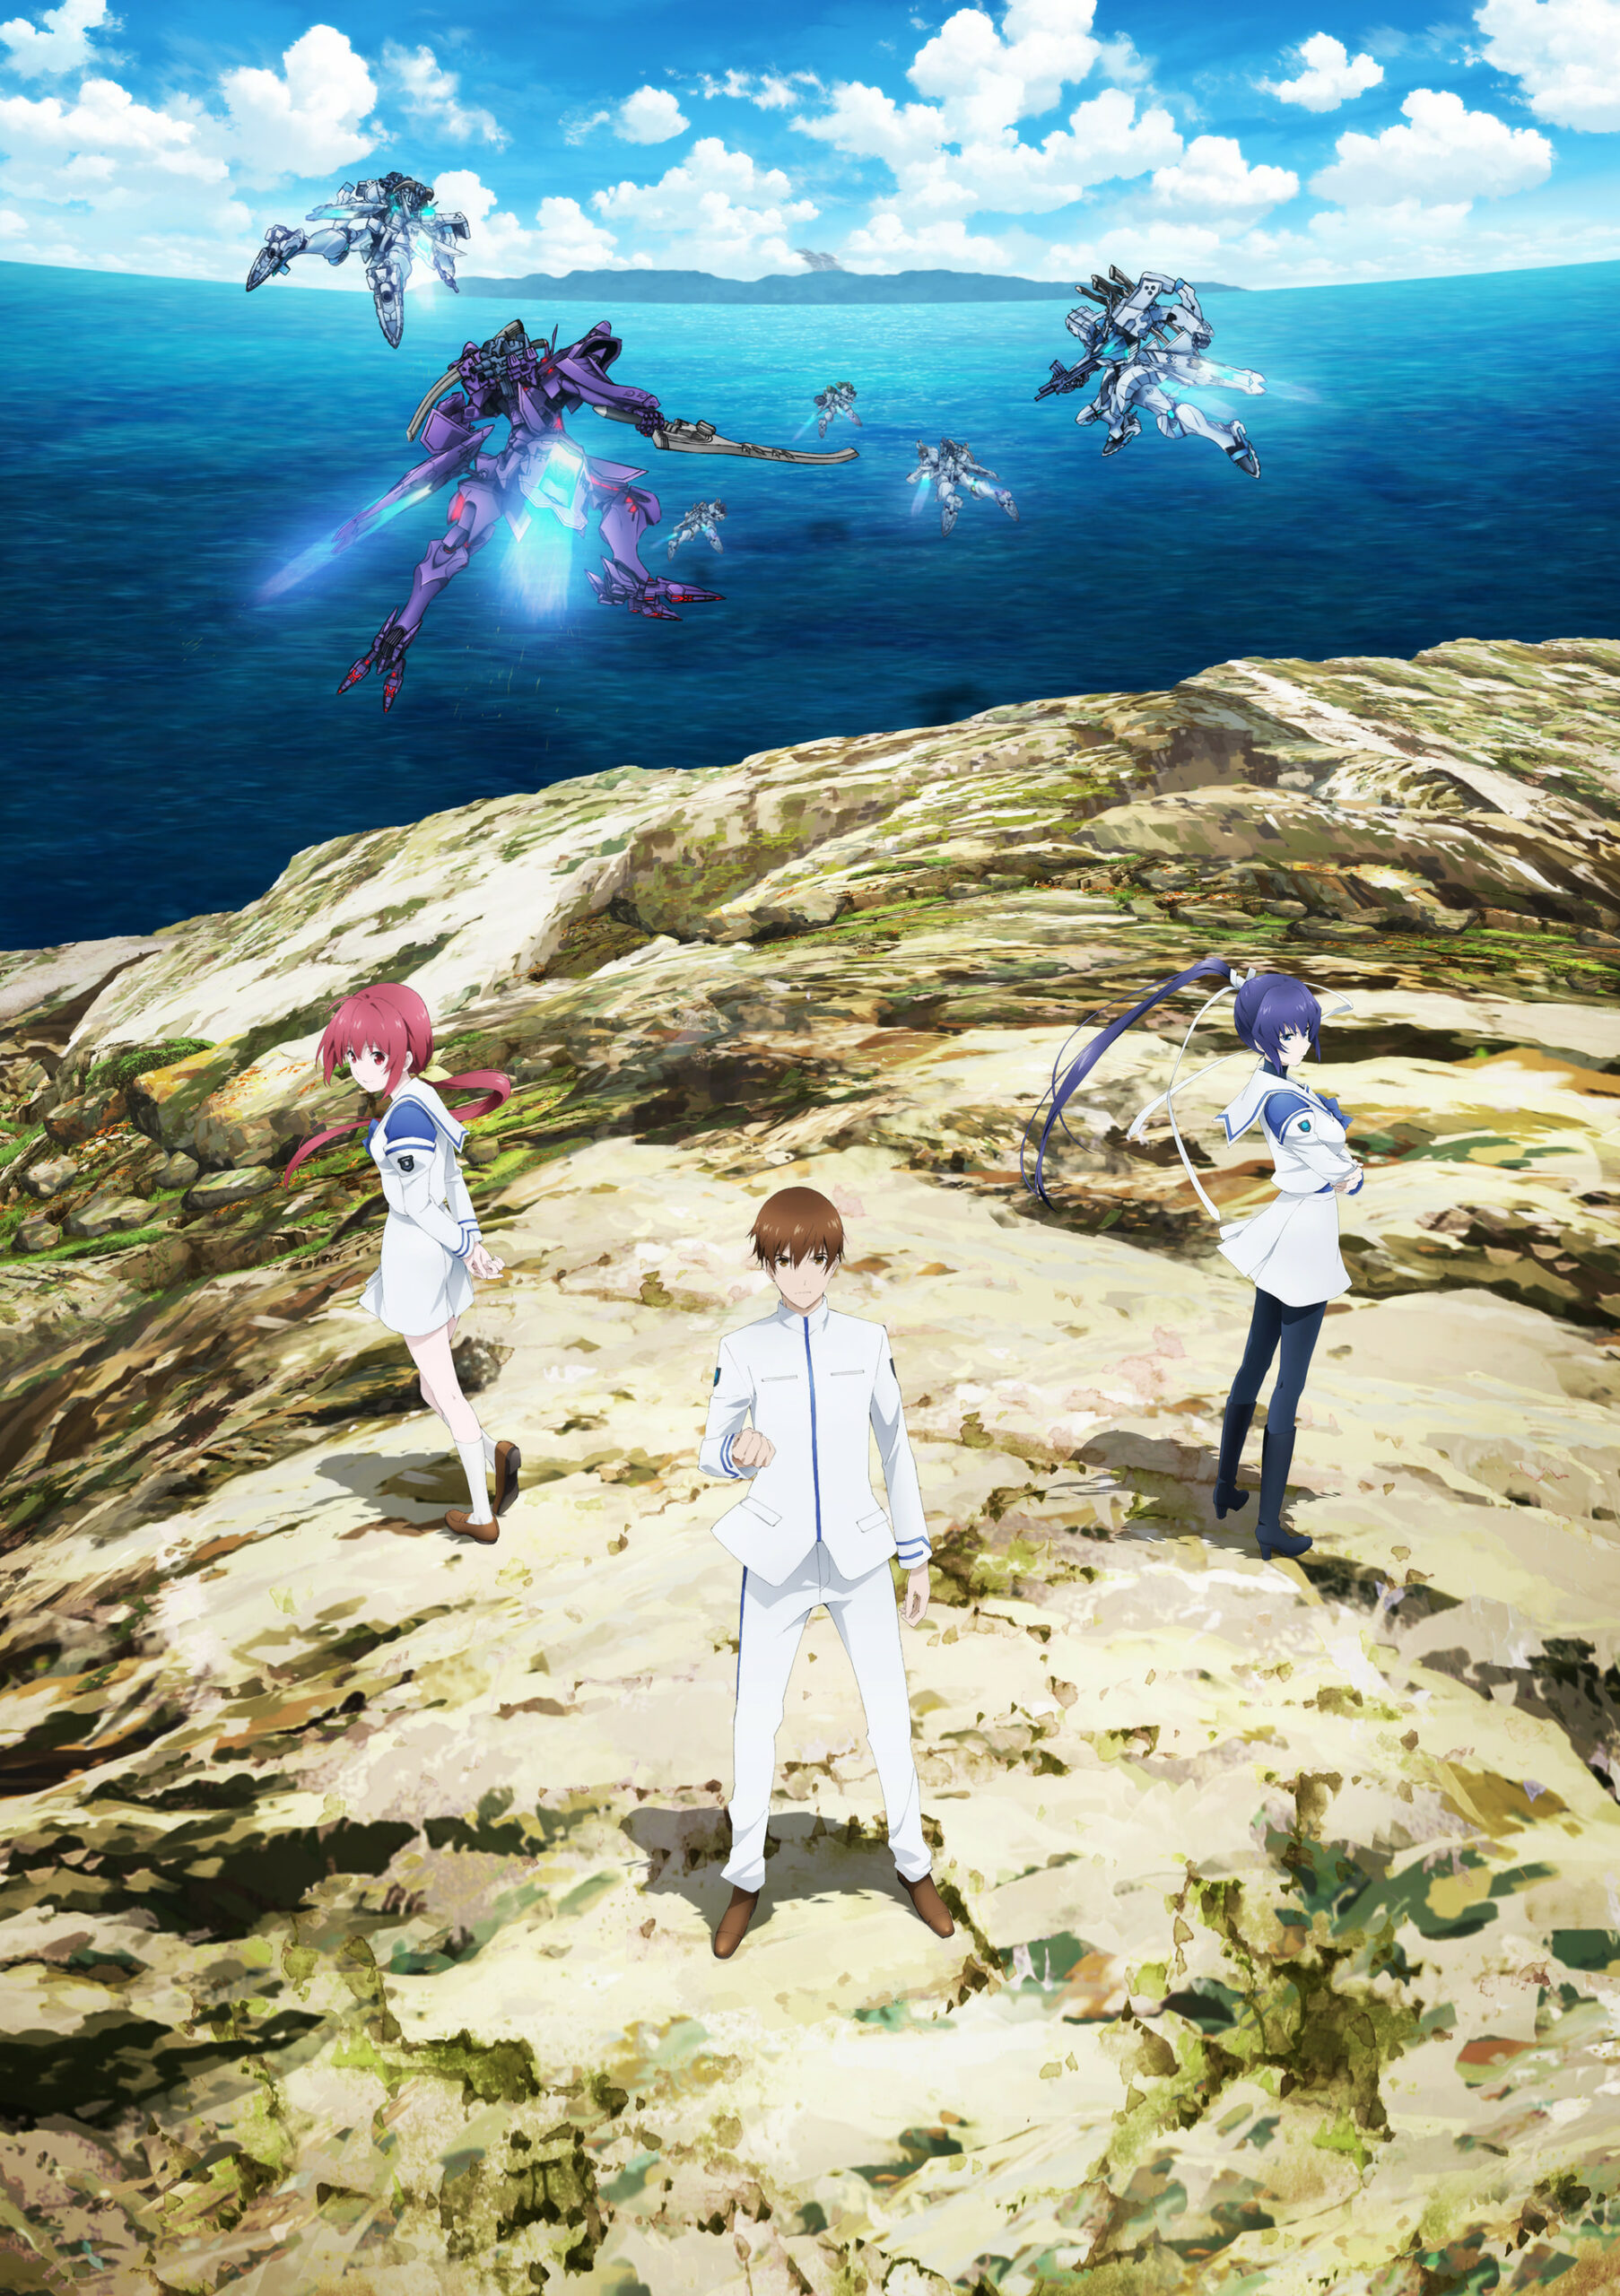 Přehled novinek z Japonska 18. týdne Muv Luv Alternative Anime 05 01 21 002 scaled 1